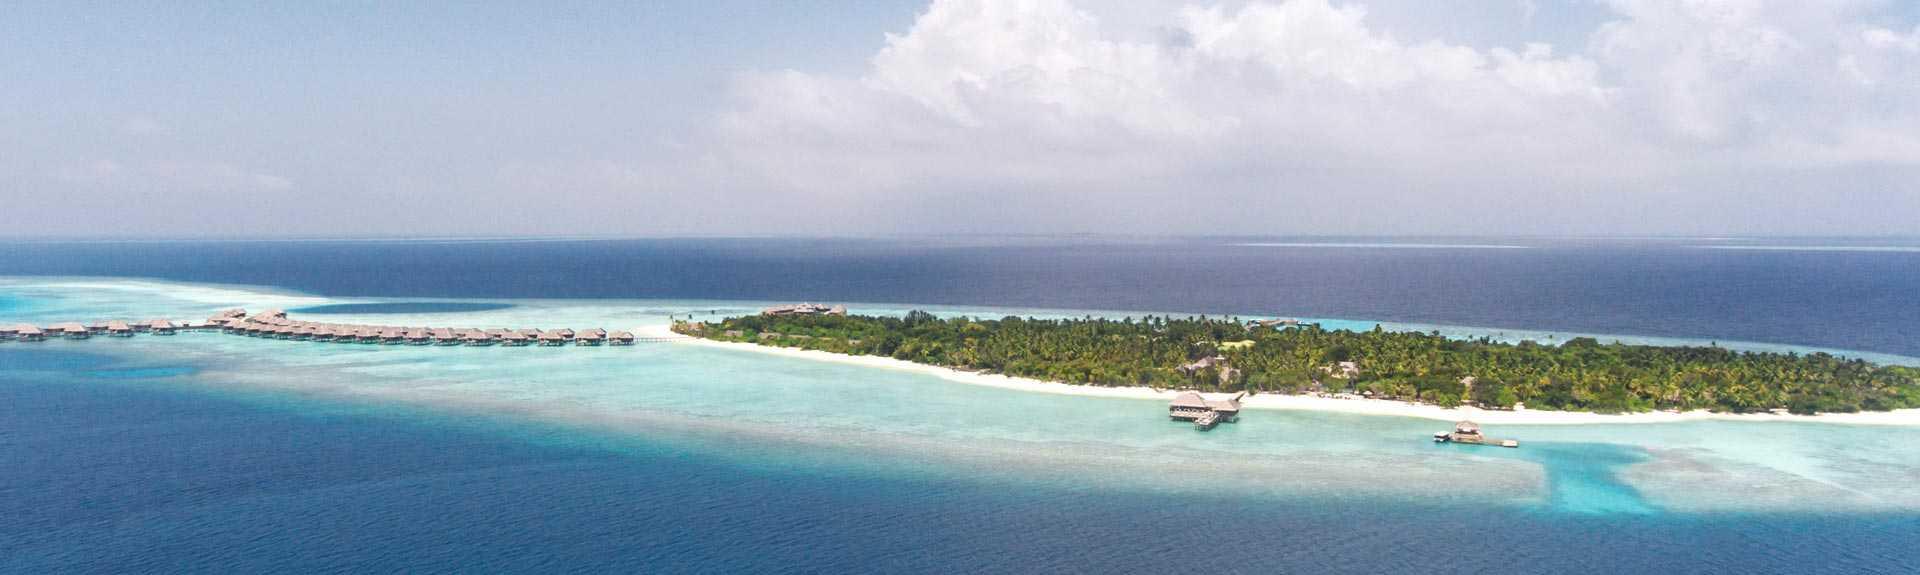 Vakkaru Maldives Island Ariel View